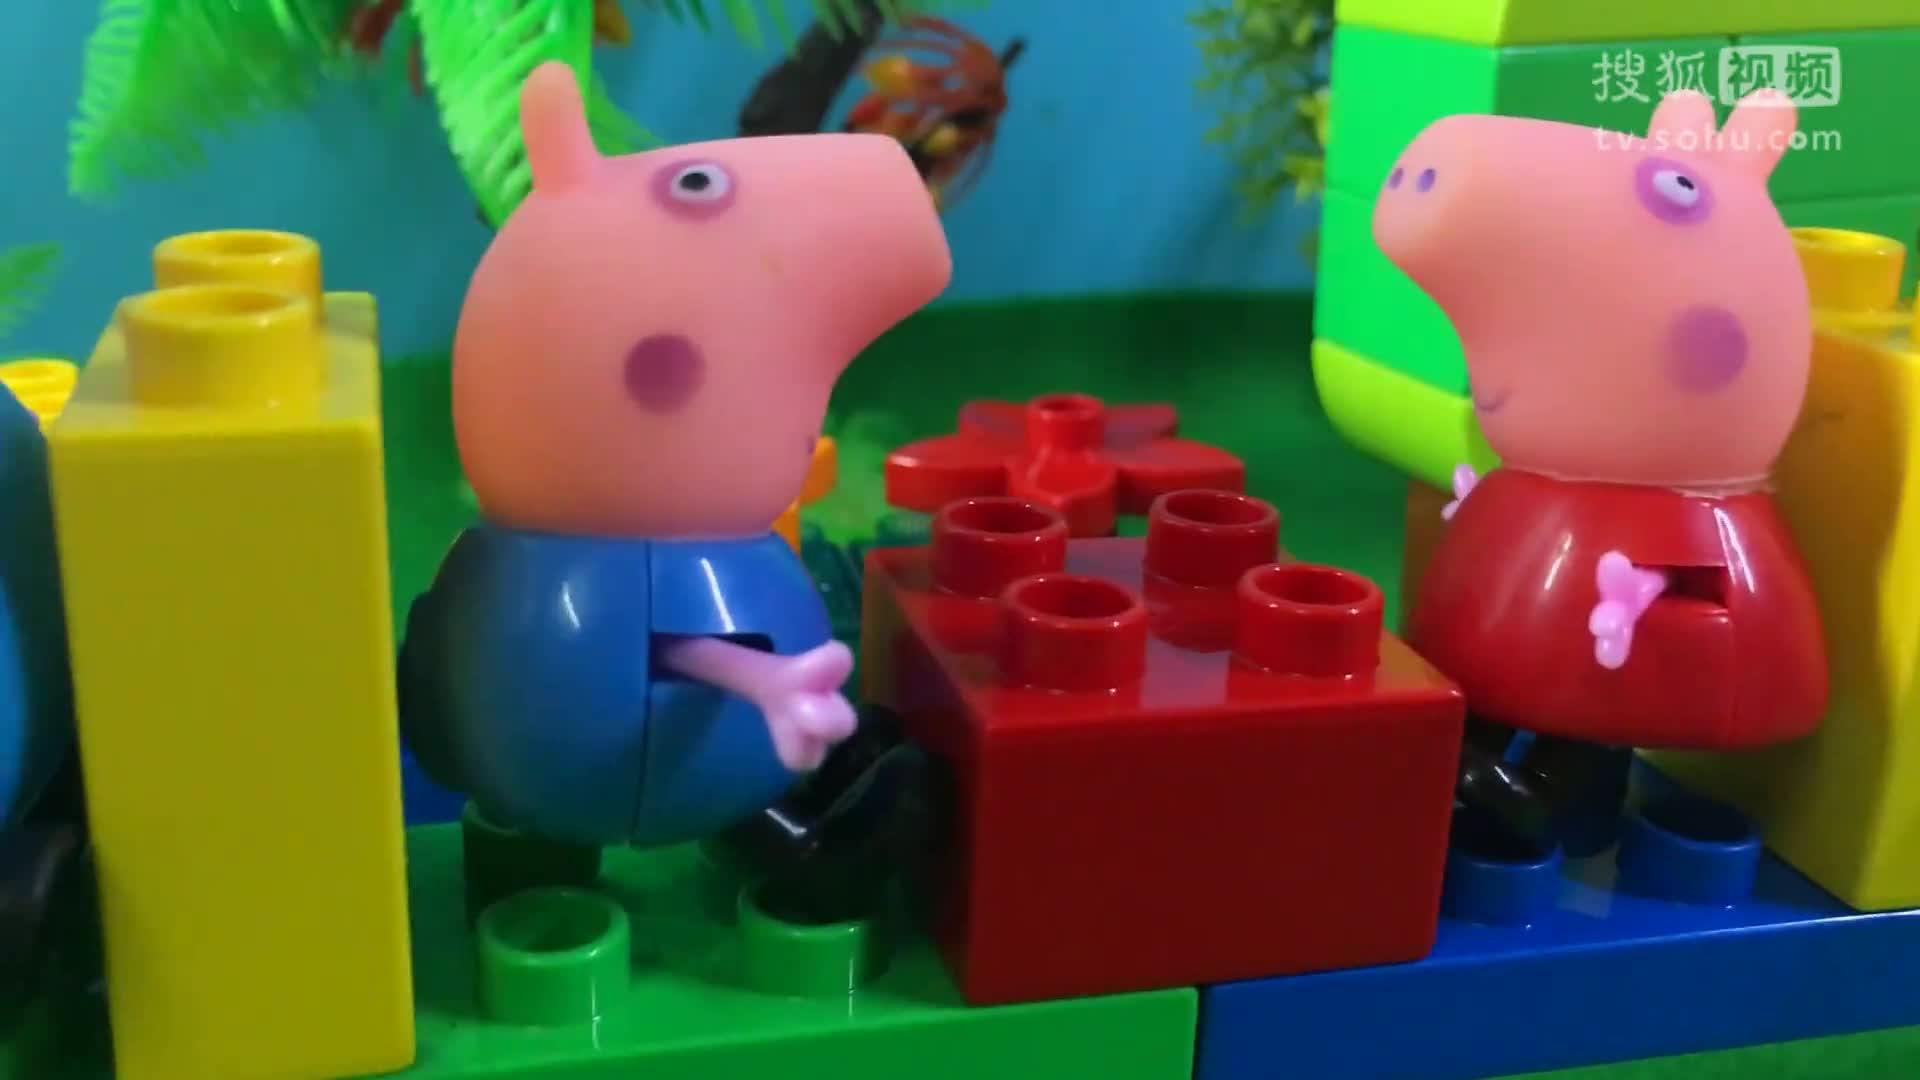 小猪佩奇积木房子图片